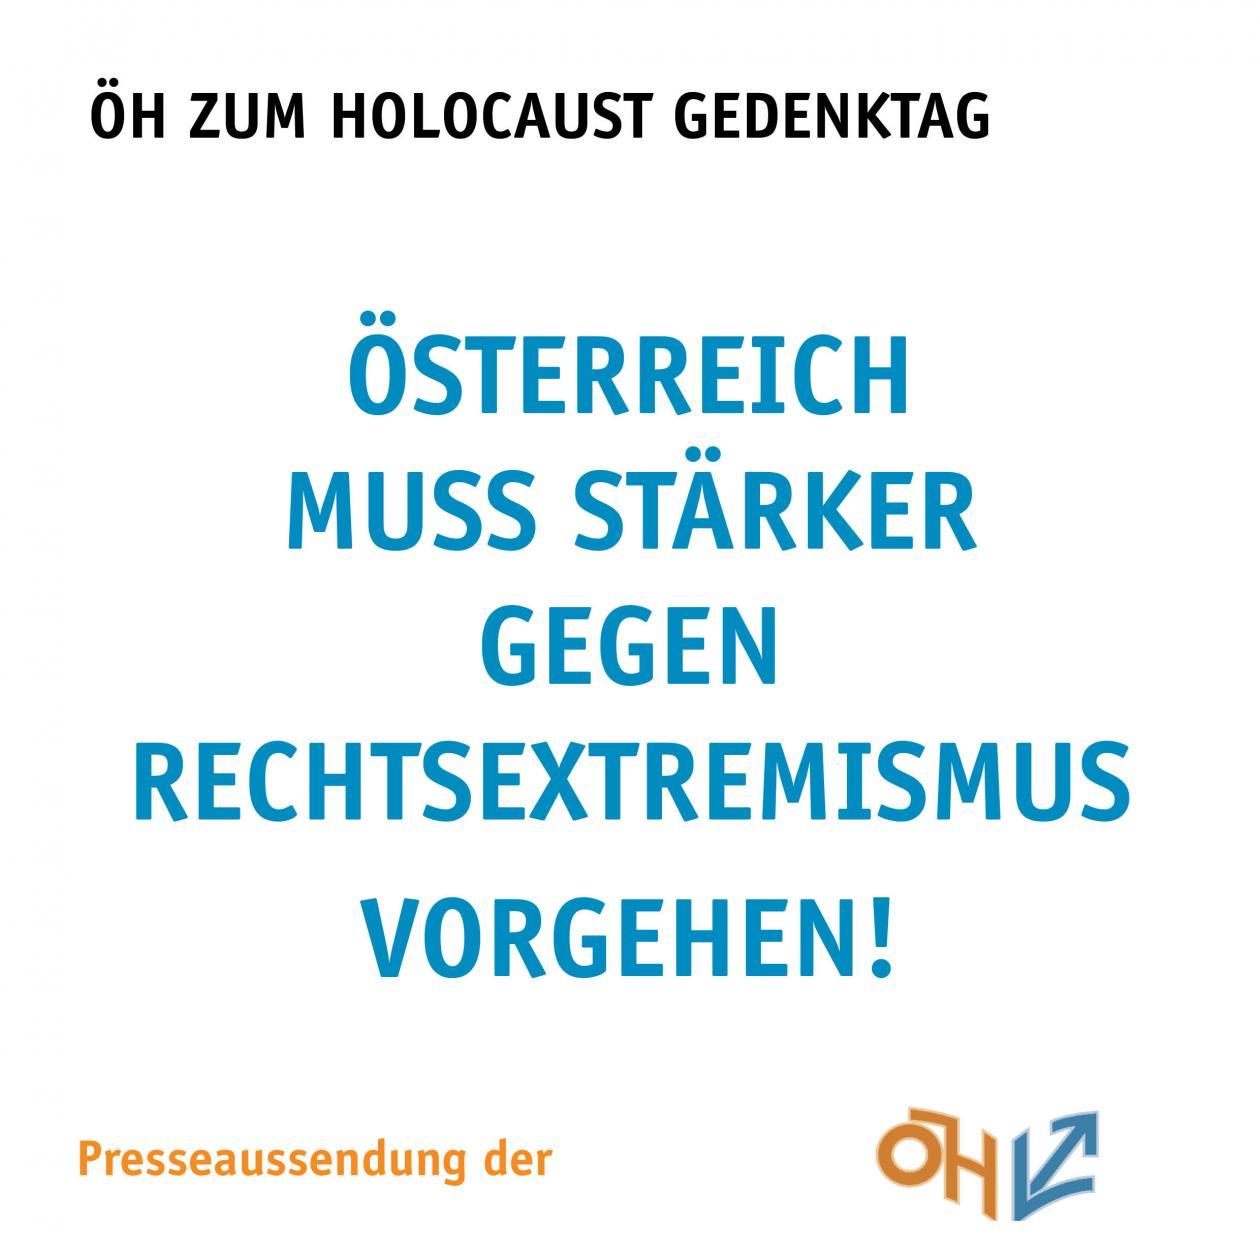 Österreich mzuss stärker gegen Rechtsextremismus vorgehen!